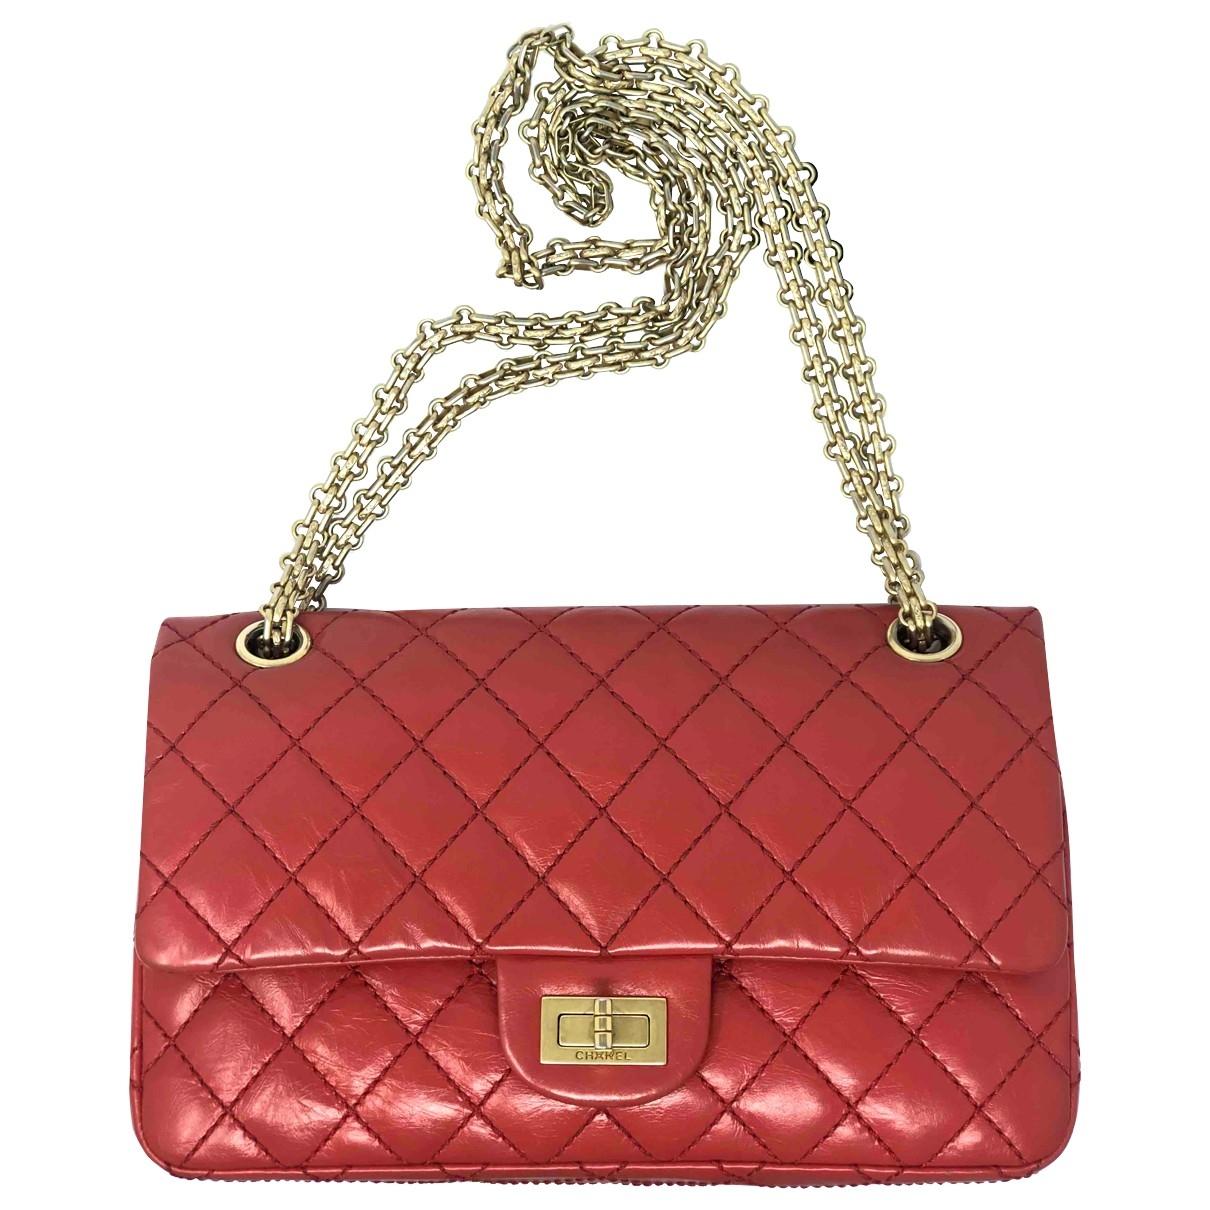 Chanel - Sac a main 2.55 pour femme en cuir - rouge